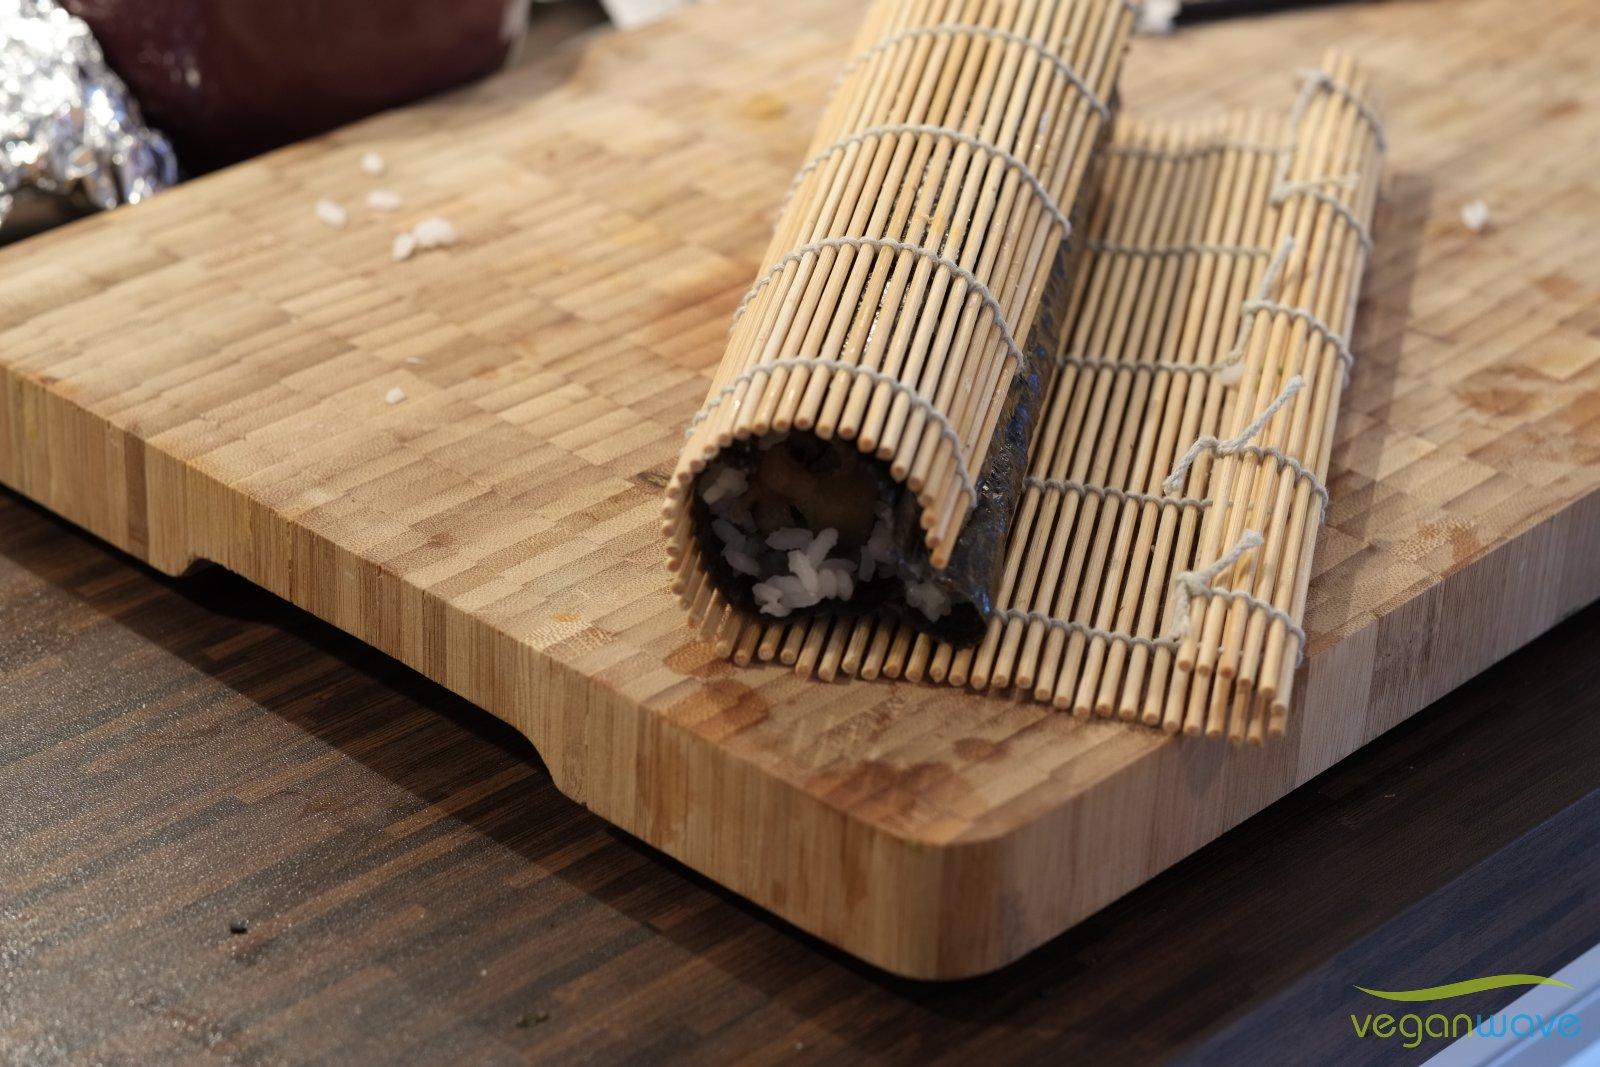 Ggf. noch mal mit der Bambusmatte nachjustieren und die Rolle damit formen und ihr Festigkeit geben